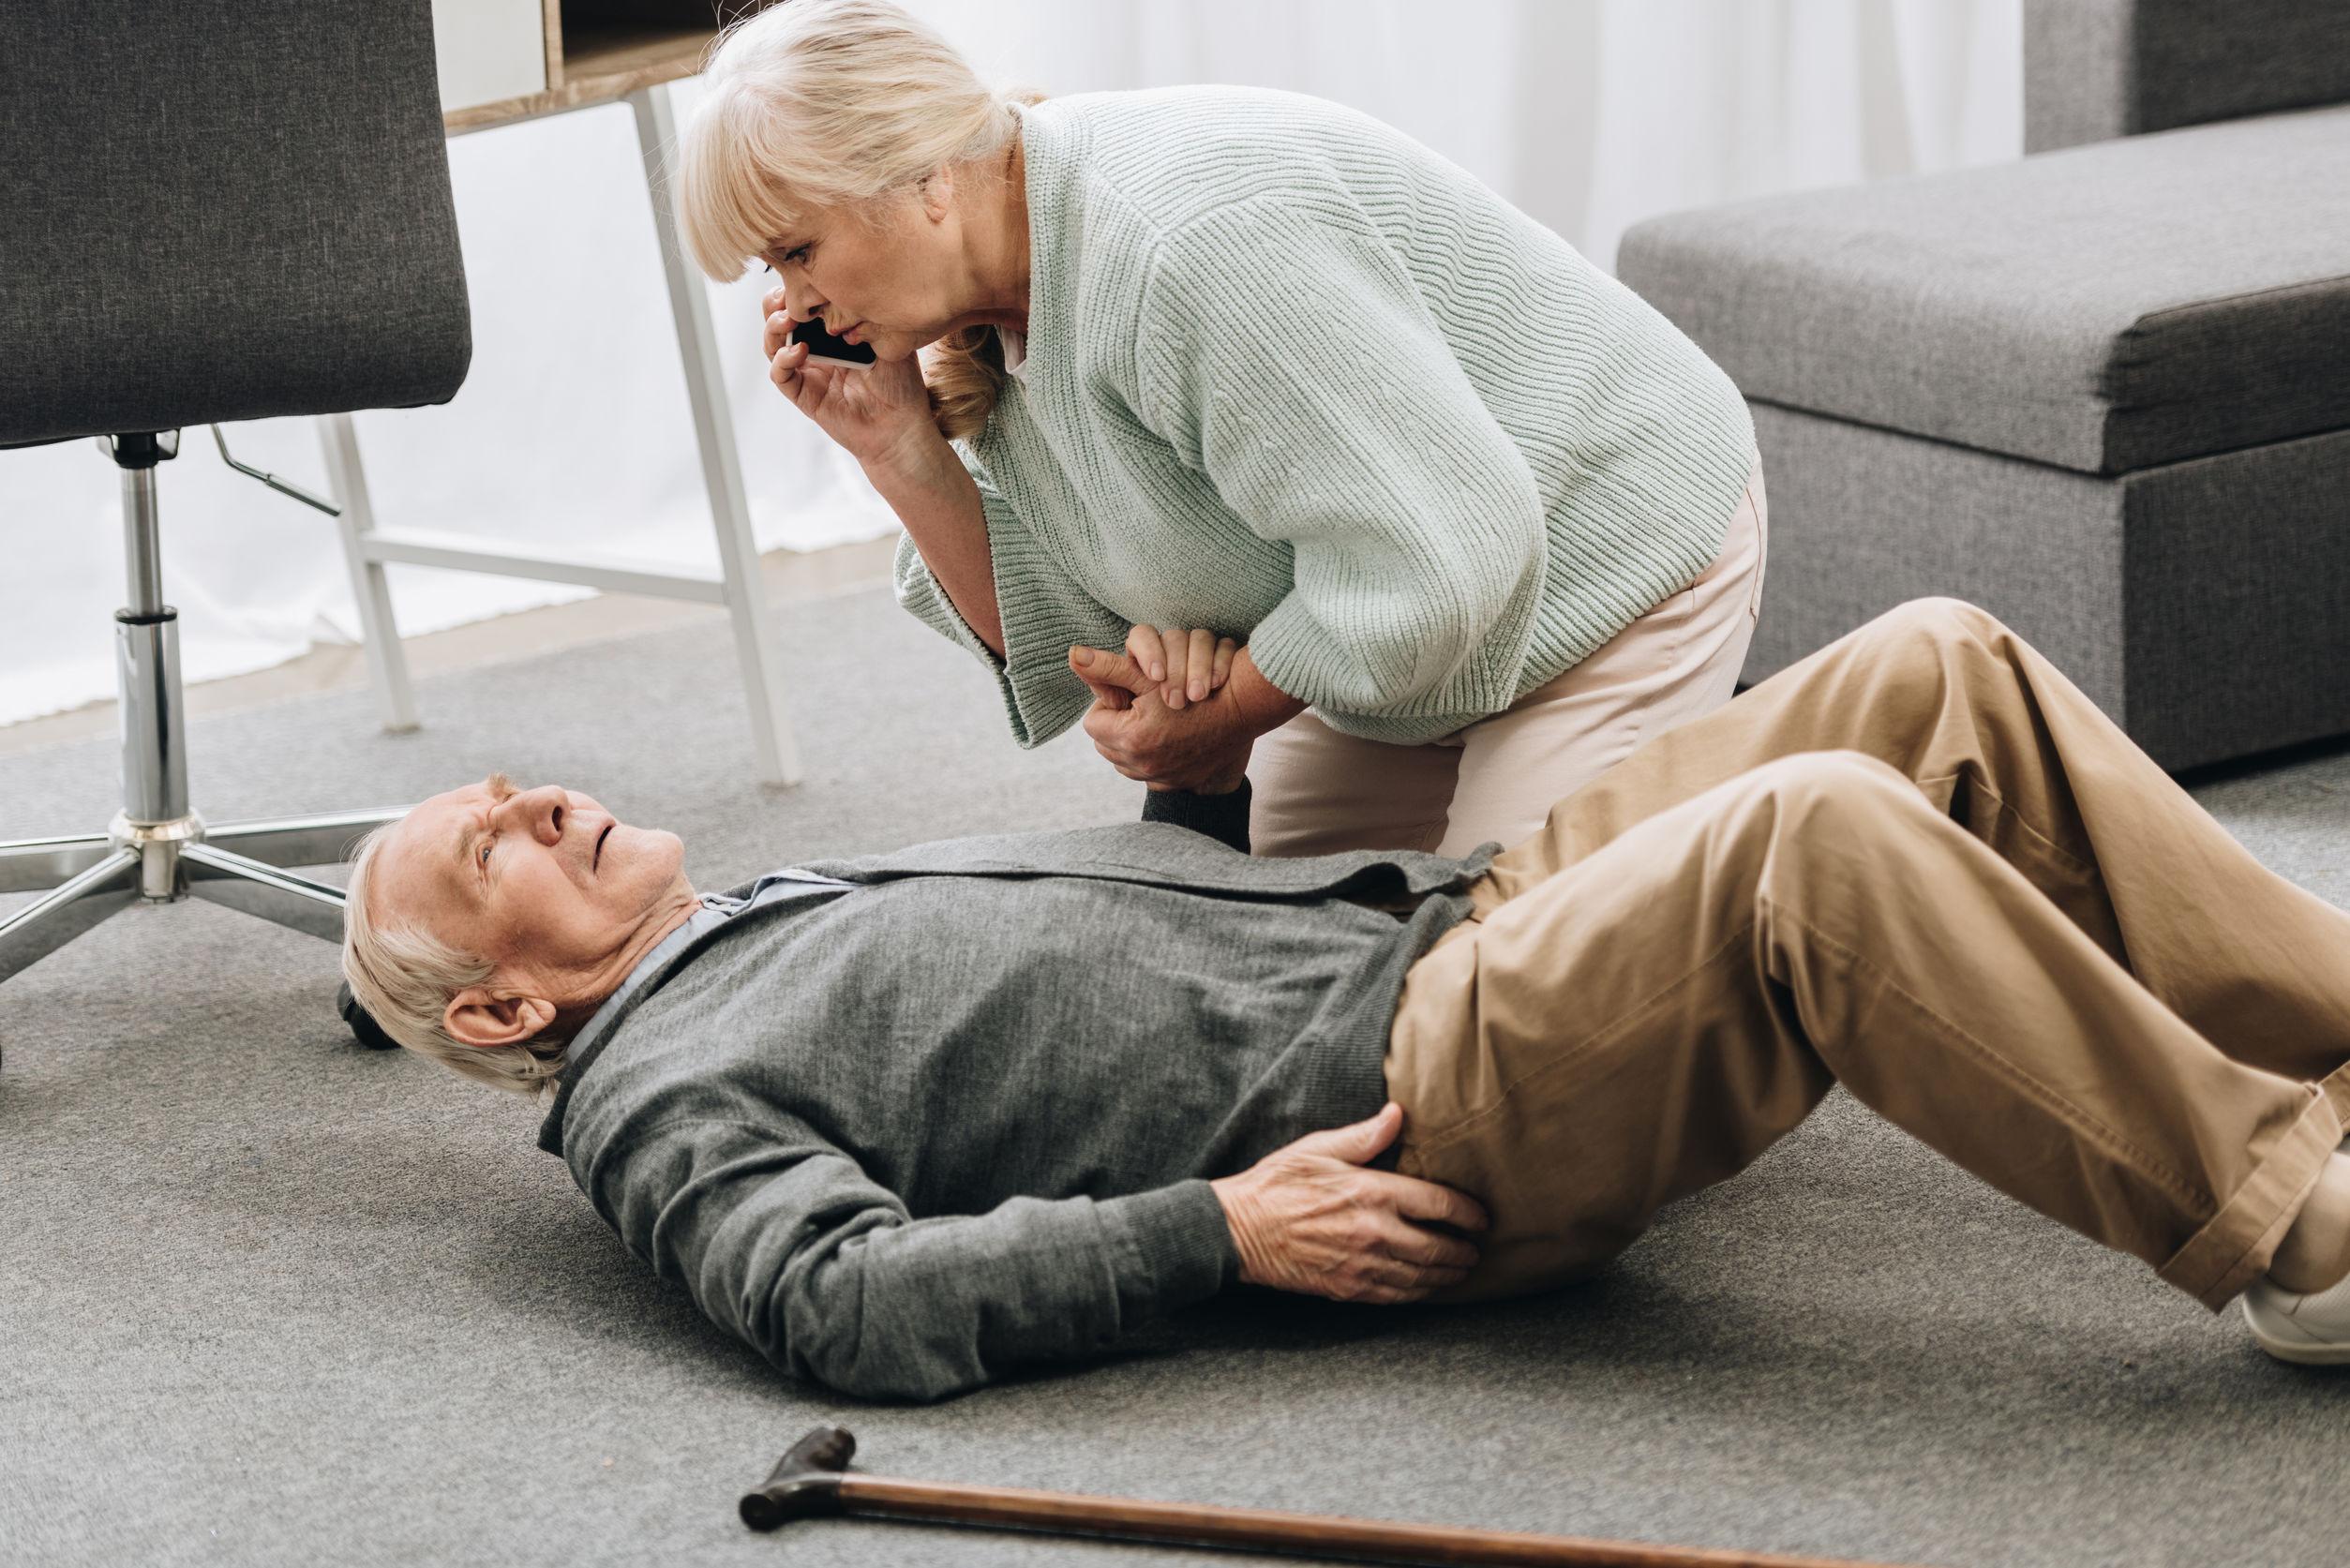 Ein älterer Herr ist gestürzt und hat durch einen Oberschenkelhalsbruch starke Schmerzen